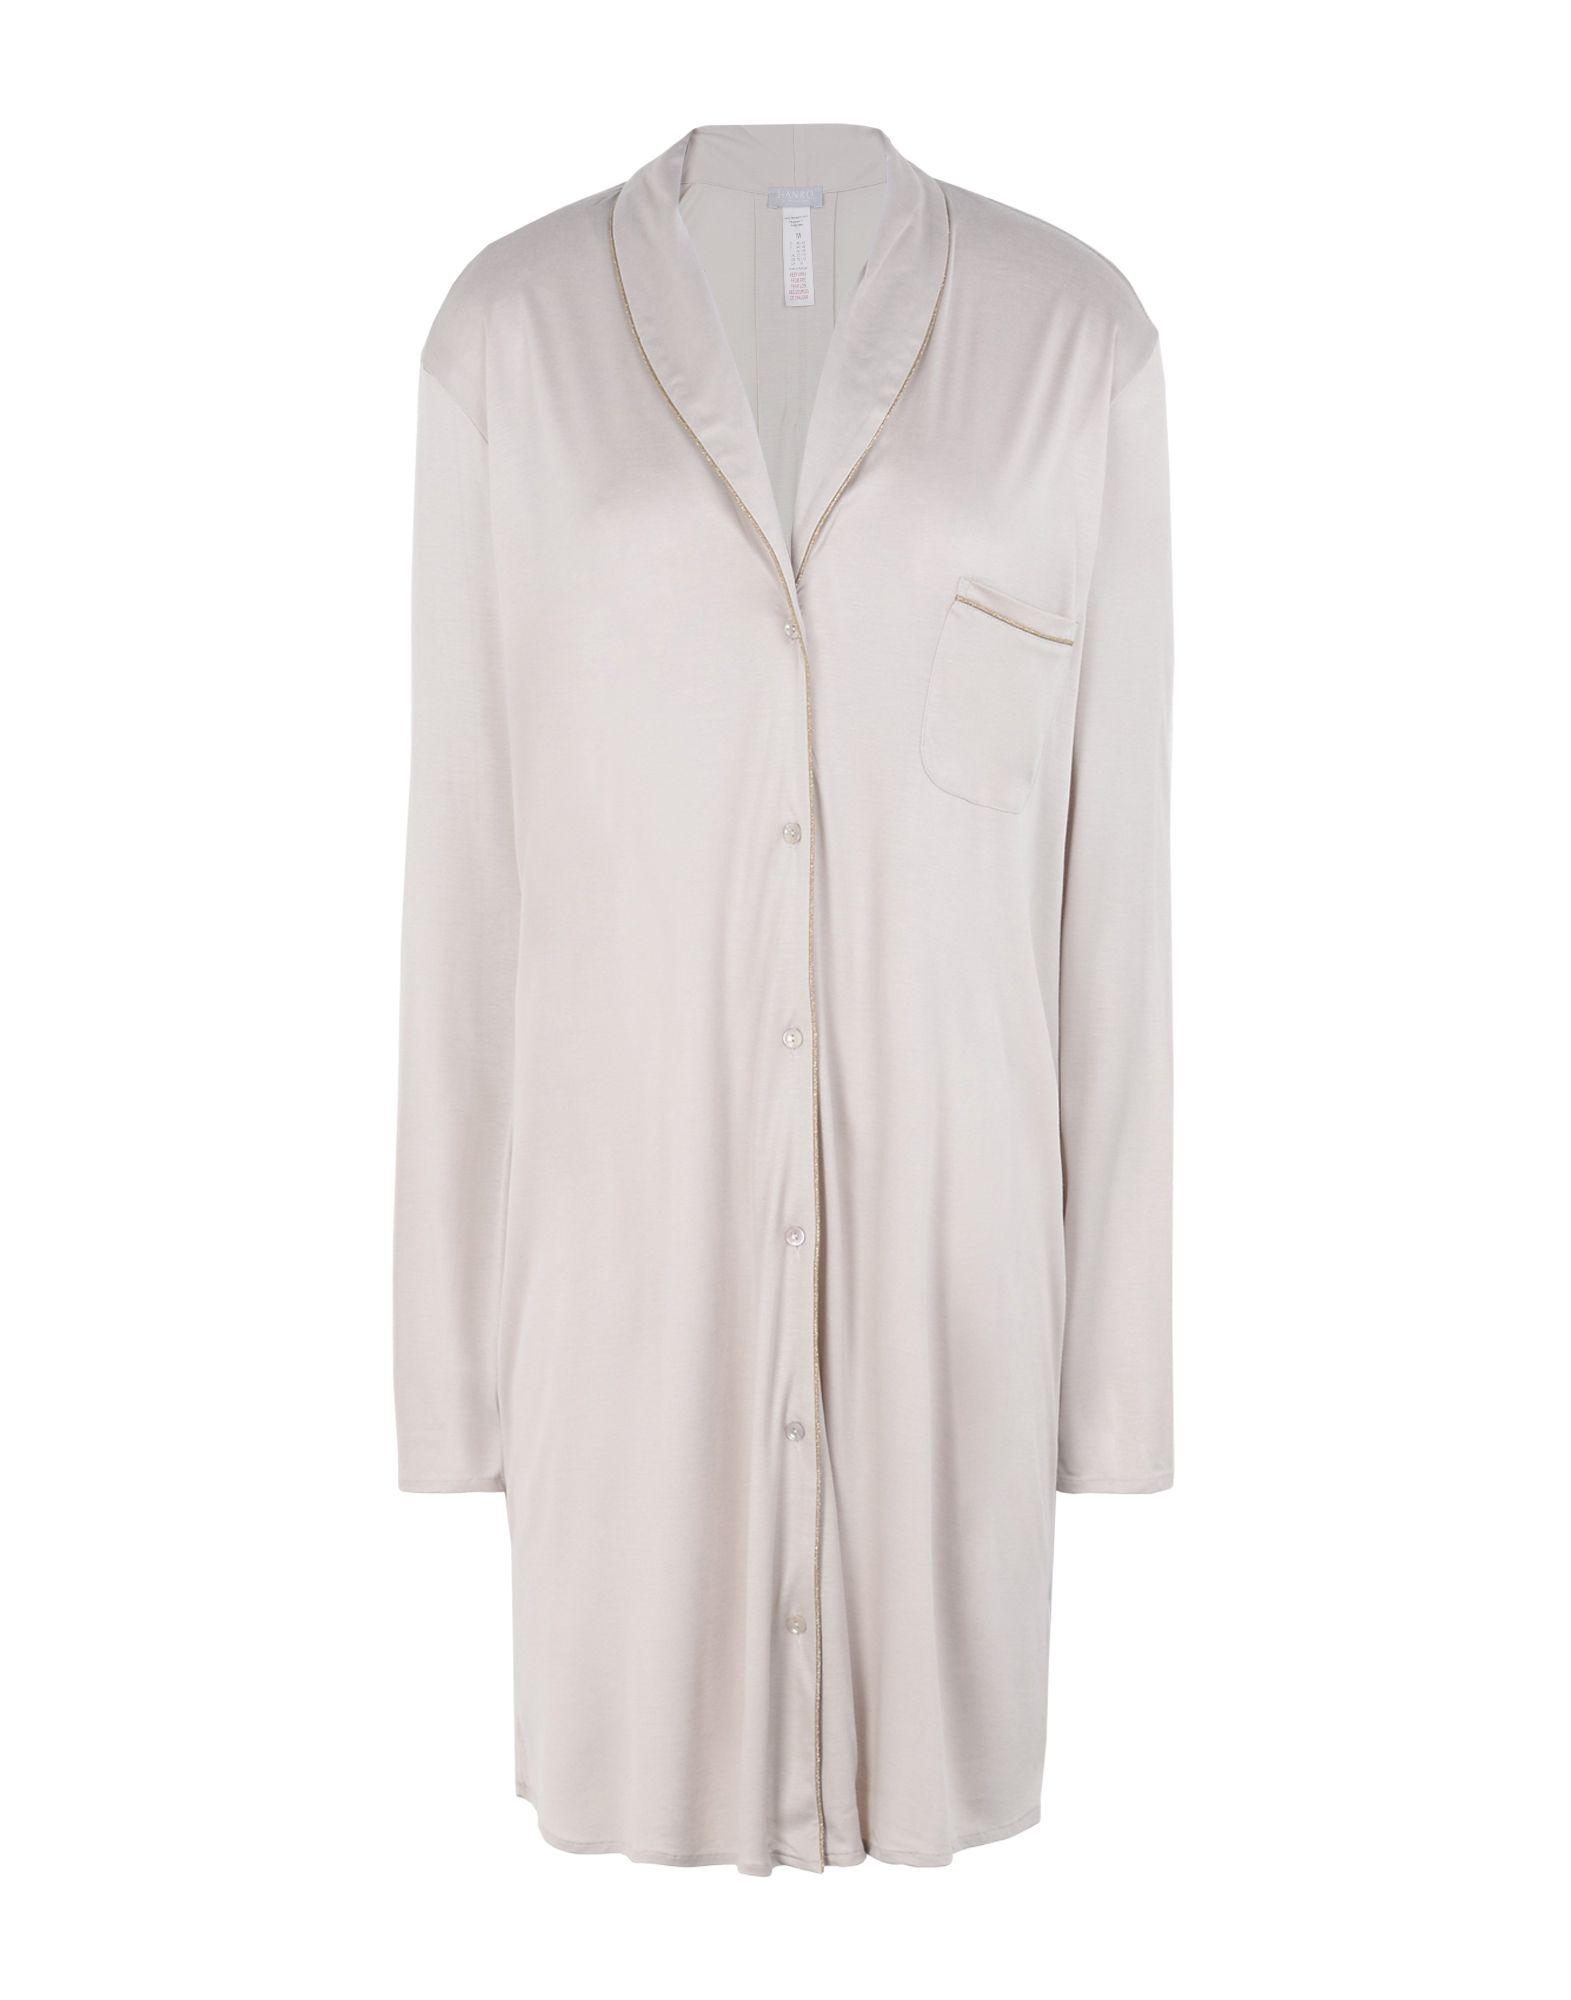 HANRO Ночная рубашка ночная рубашка с кружевом olala